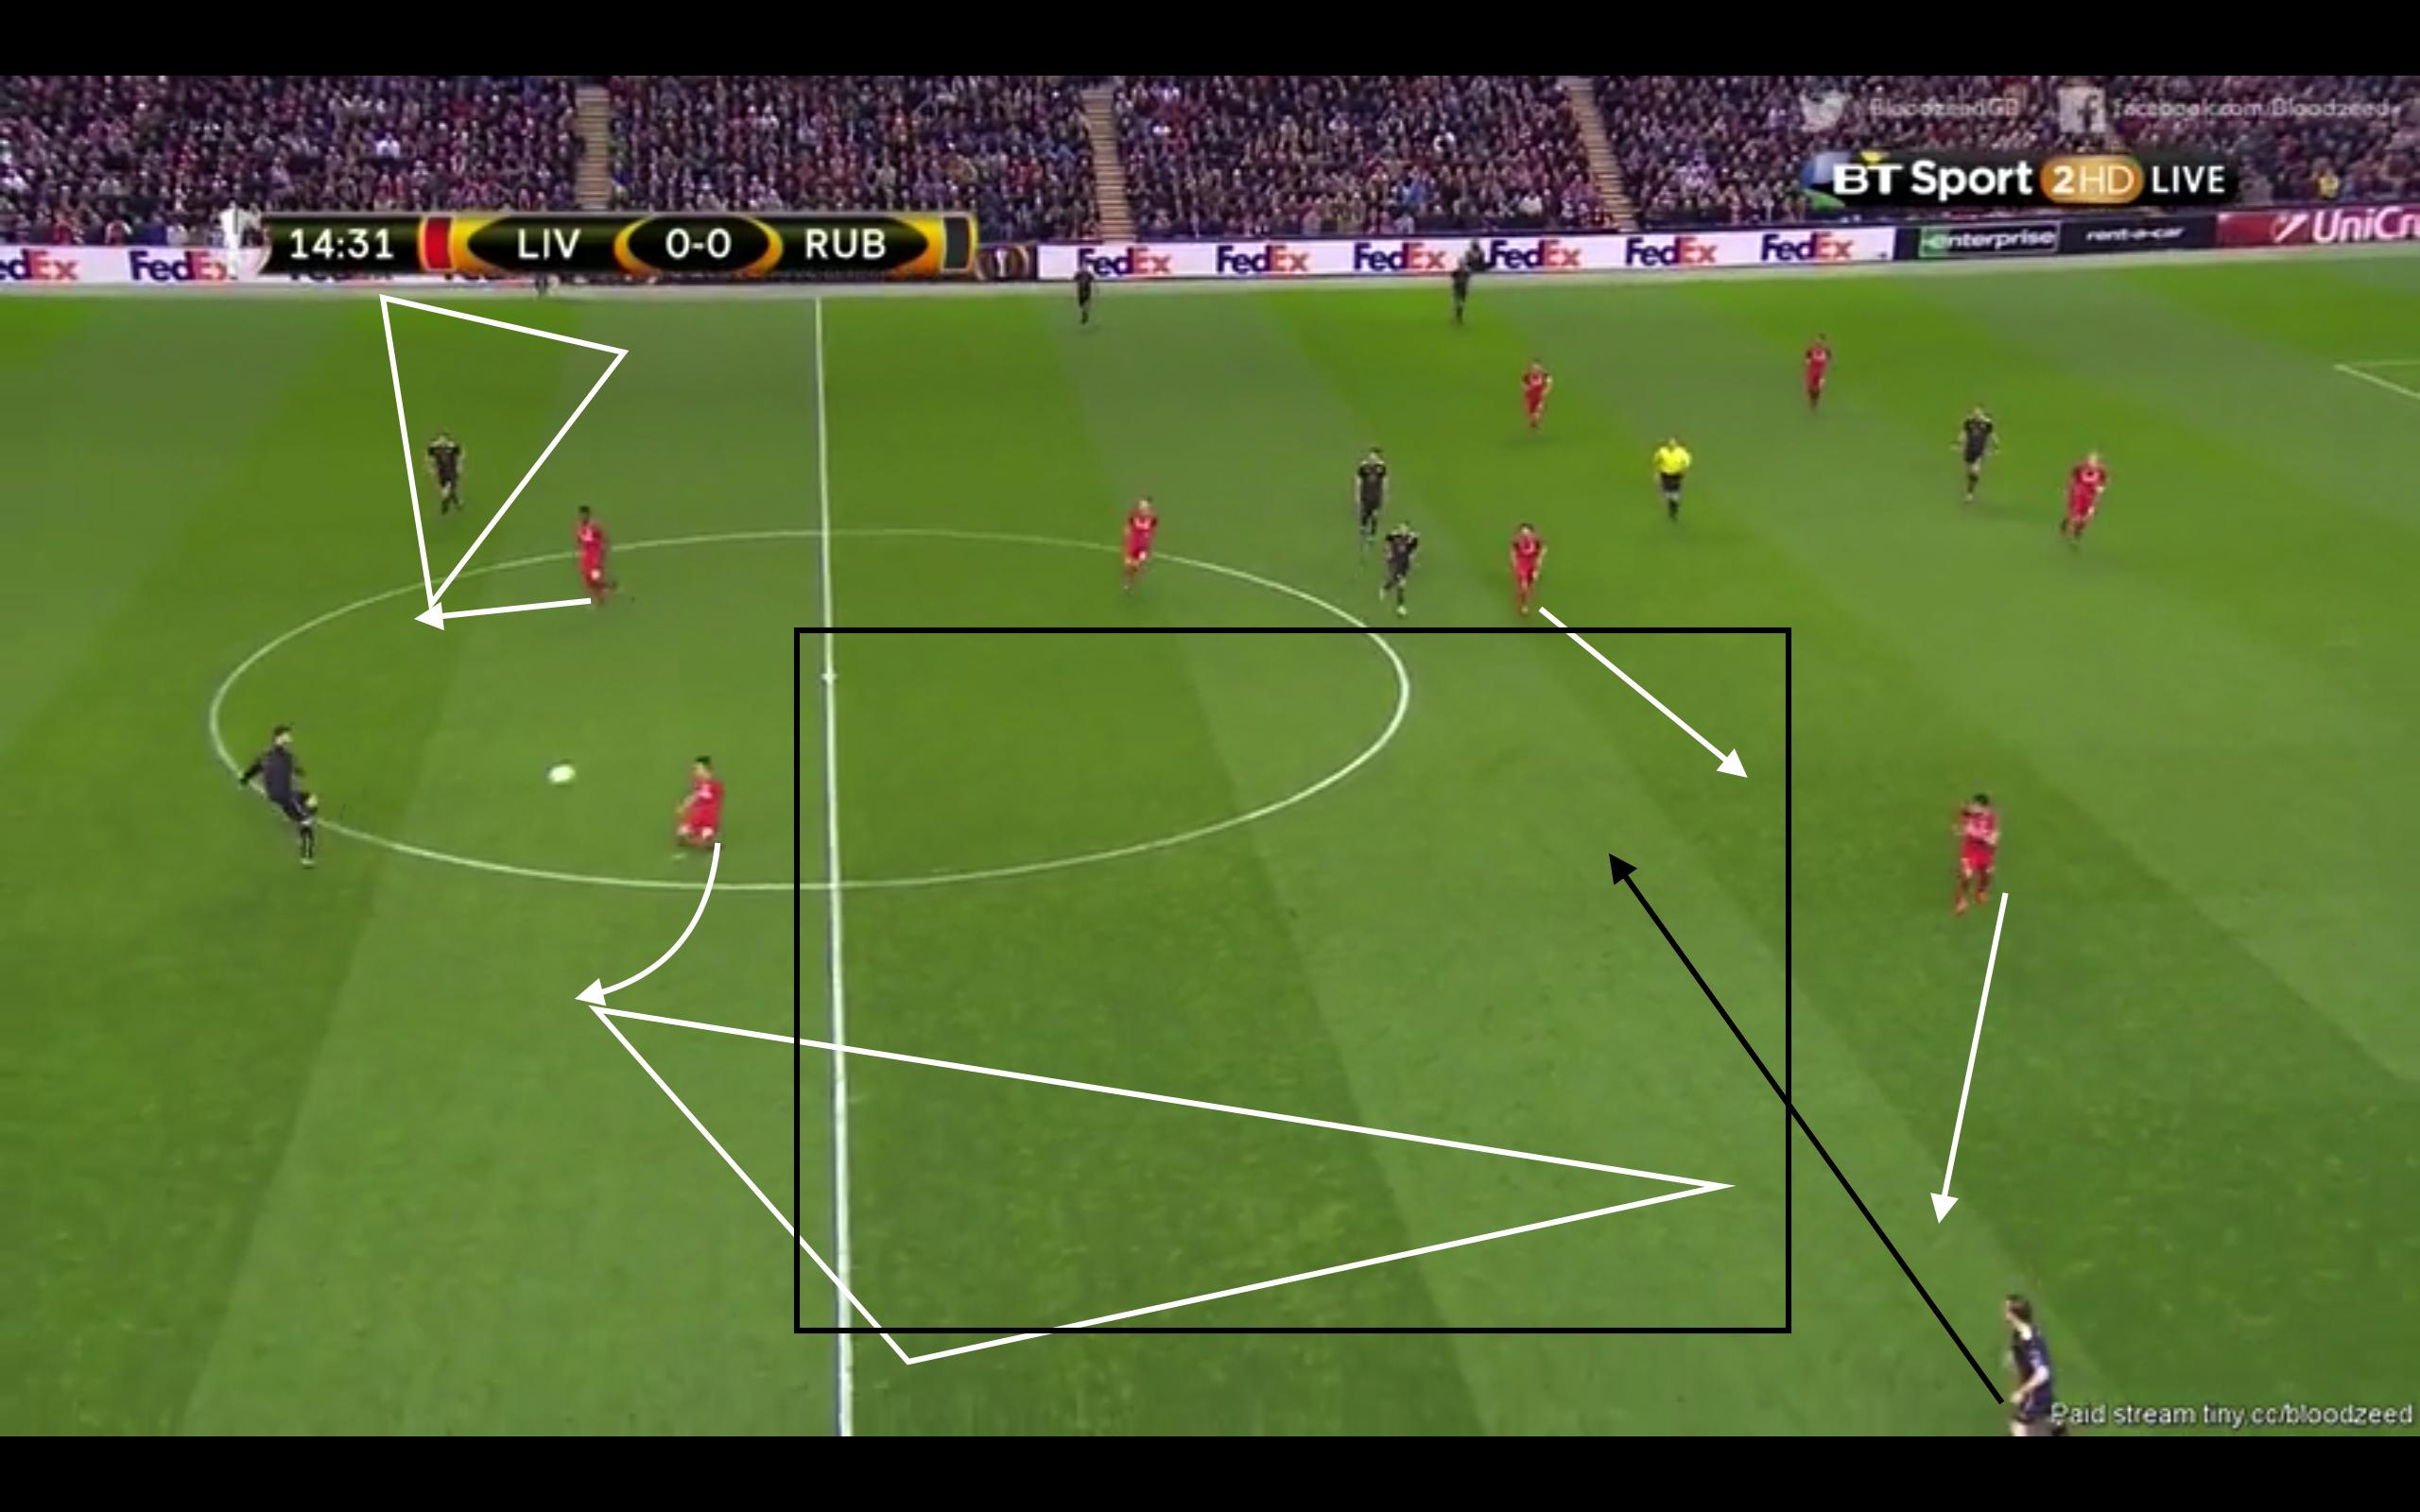 Coutinho rückt raus und Origi trennt wieder die beiden Innenverteidiger. Das Spiel wird also erfolgreich auf die Flügel gelenkt, dort kann aber nicht direkt Druck erzeugt werden. Nun müsste, nach dem das Spiel erfolgreich gelenkt wurde, eigentlich Zugriff erzeugt werden. Dies geschieht aber nicht, da Can zu weit entfernt ist, Coutinho zu hoch steht und generell zu wenige Spieler ballnah gut positioniert sind. Also kann der rechte Verteidiger den Ball gut annehmen und direkt ins Zentrum hinter den Raum von Coutinho und entgegen der Laufrichtung von Can starten. Allen hat ebenfalls verschieben und Liverpool ist immer noch passiv. Der gegnerische Spieler hat Zeit, Raum und außerdem das Spiel vor sich, also kann er einen langen Ball auf Devic spielen, der diesen zum 1:0 für Kazan verwertet.